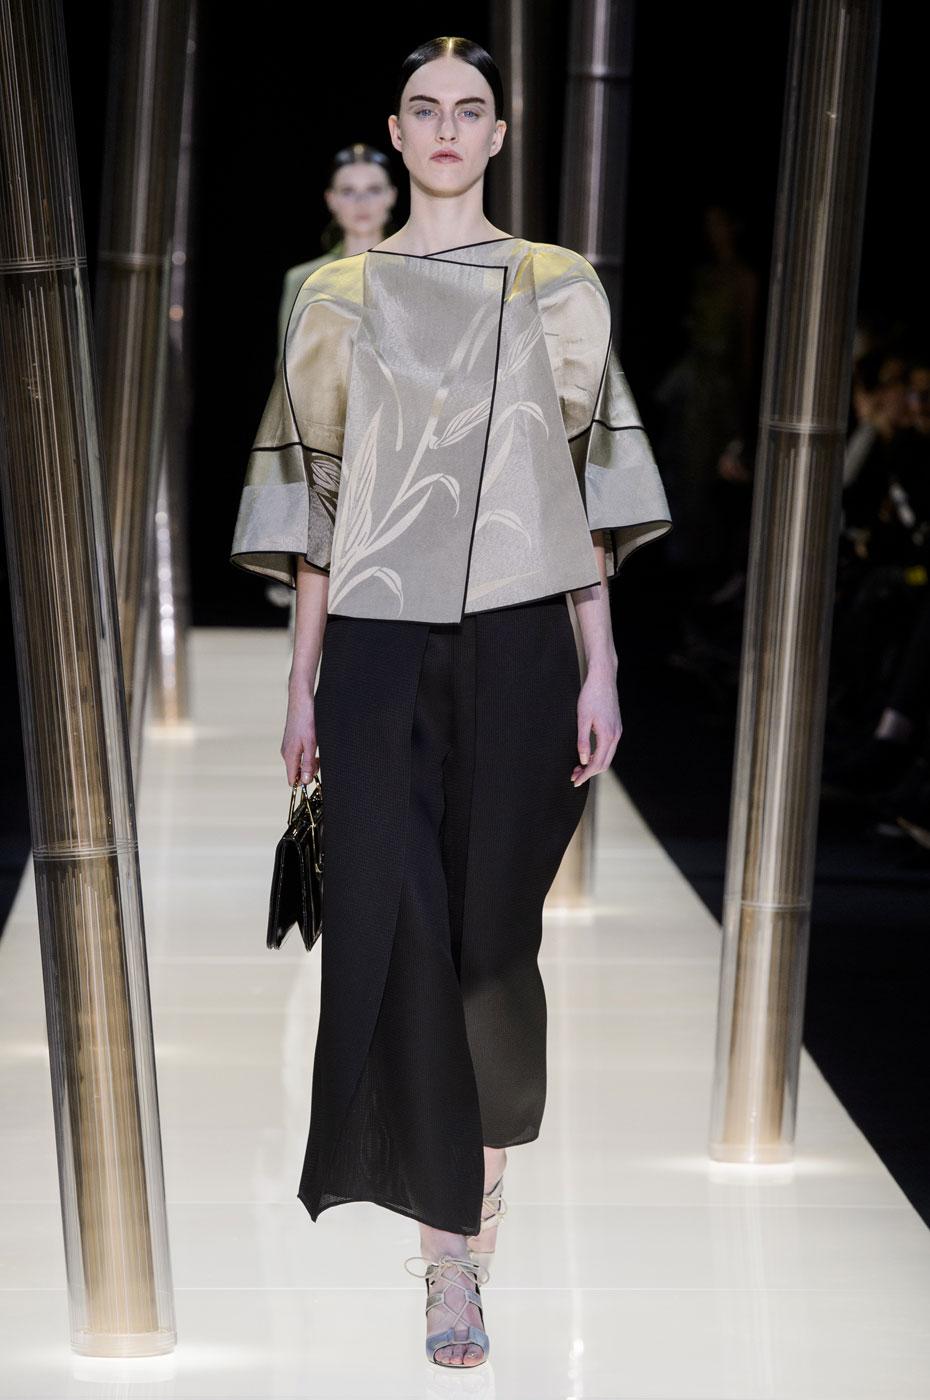 Giorgio-armani-Prive-fashion-runway-show-haute-couture-paris-spring-2015-the-impression-033